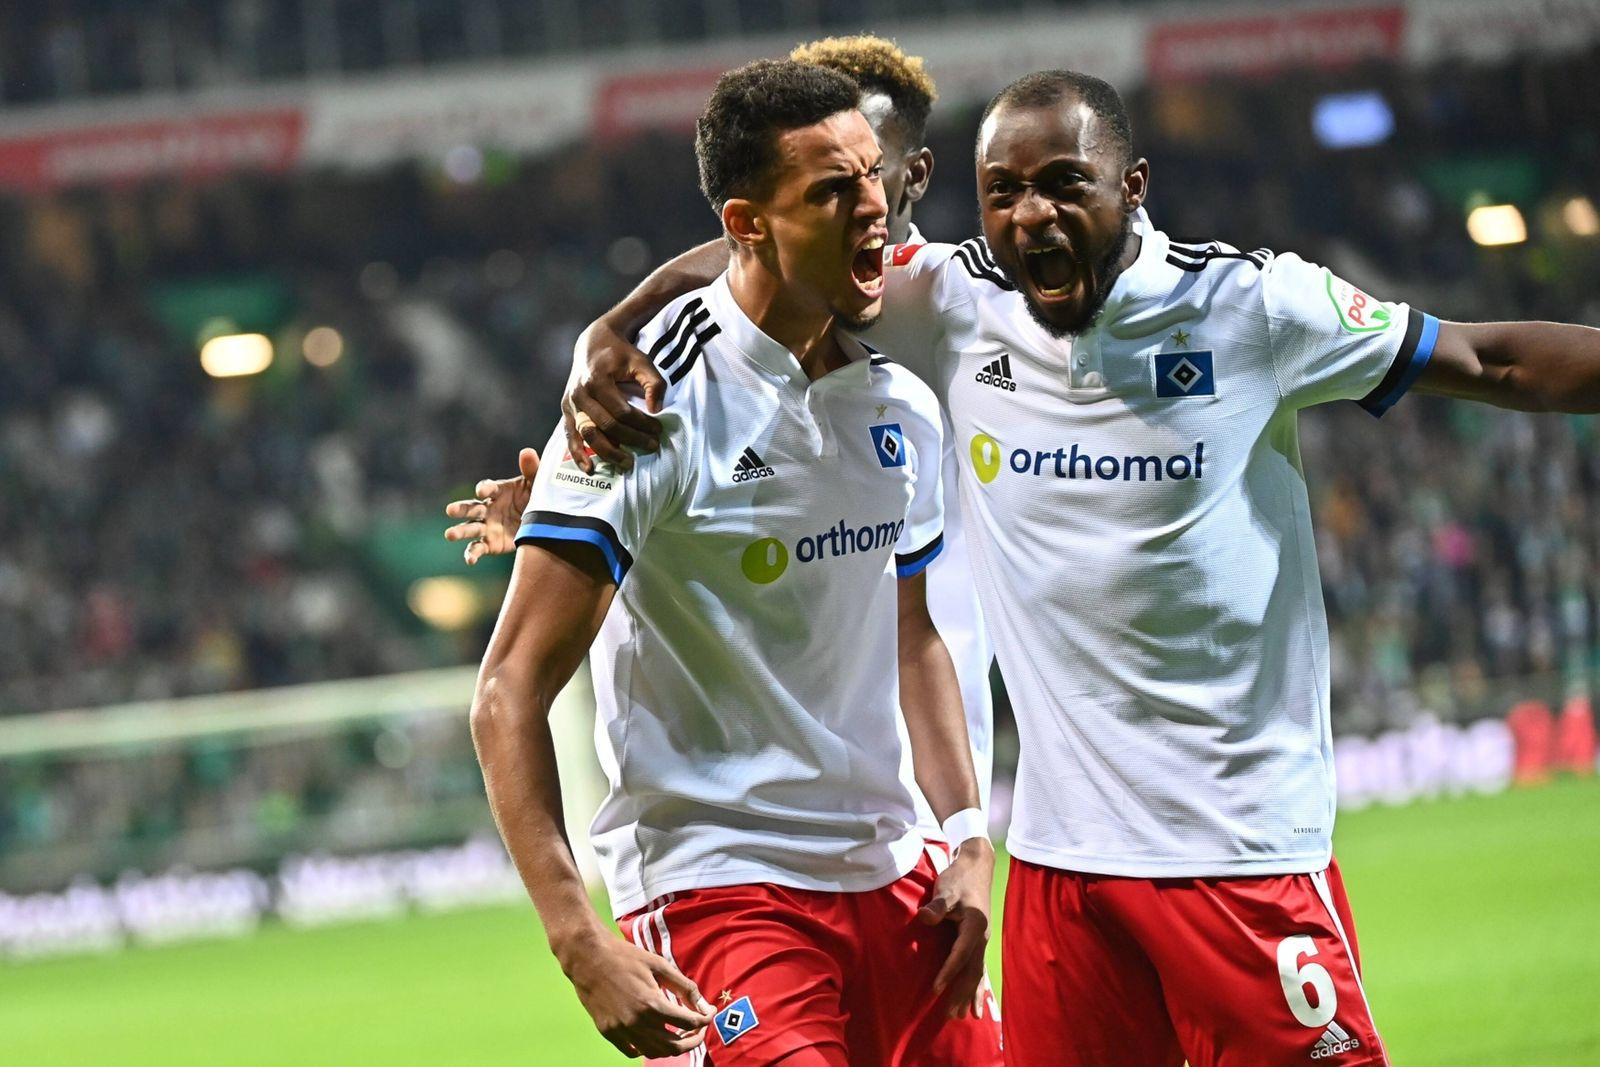 GER, 2. FBL, SV Werder Bremen vs Hamburger SV / 18.09.2021, wohninvest Weserstadion, Bremen, GER, 2. FBL, SV Werder Bre